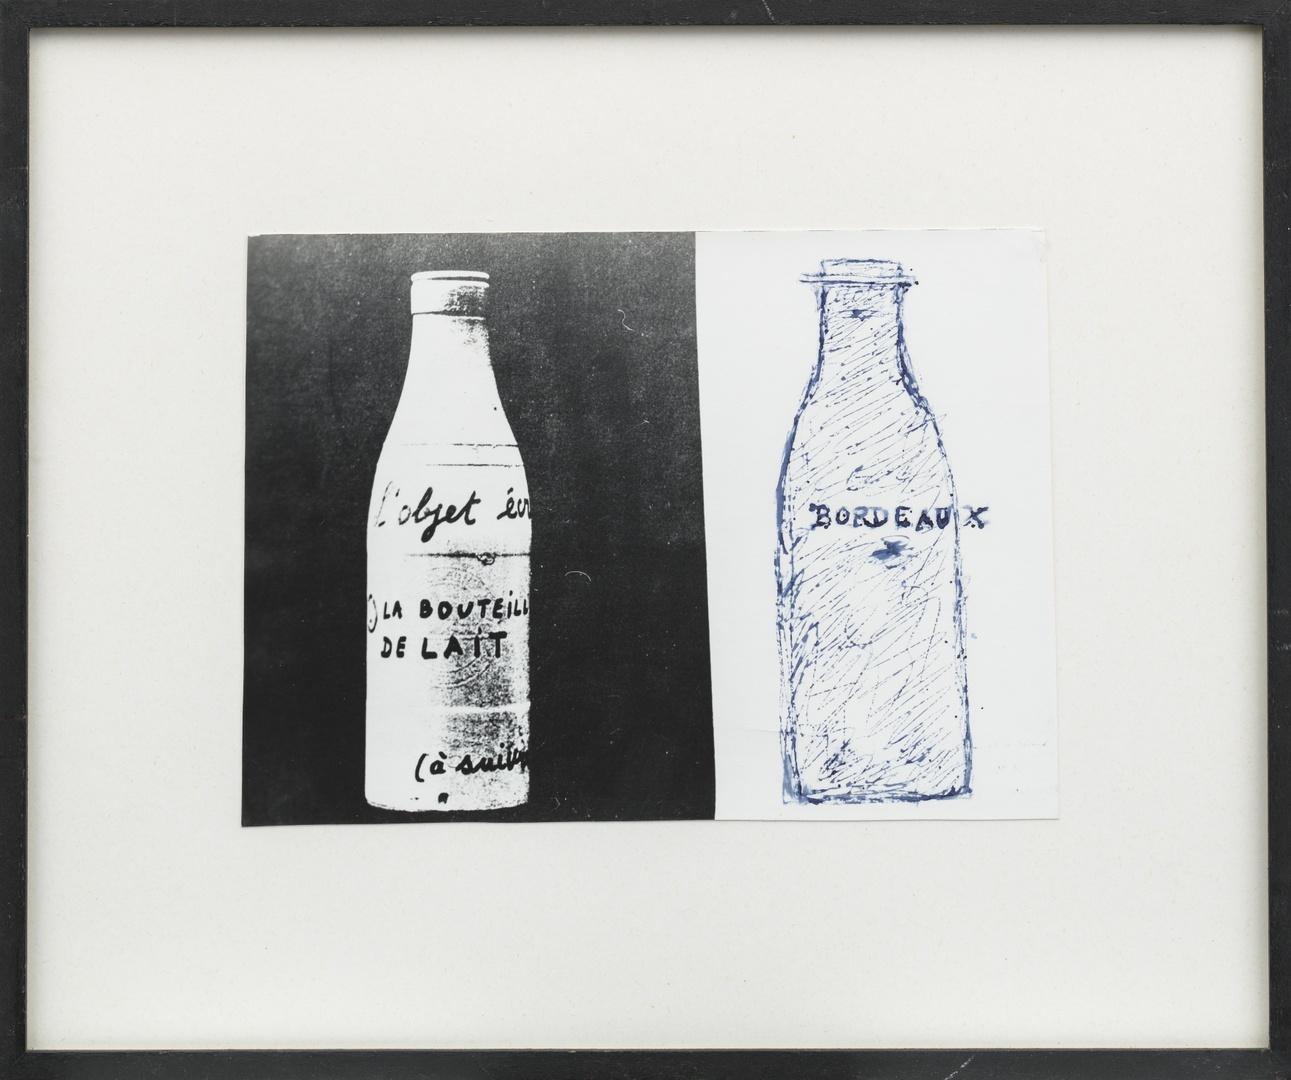 L'Entree de l'exposition: 6 foto's